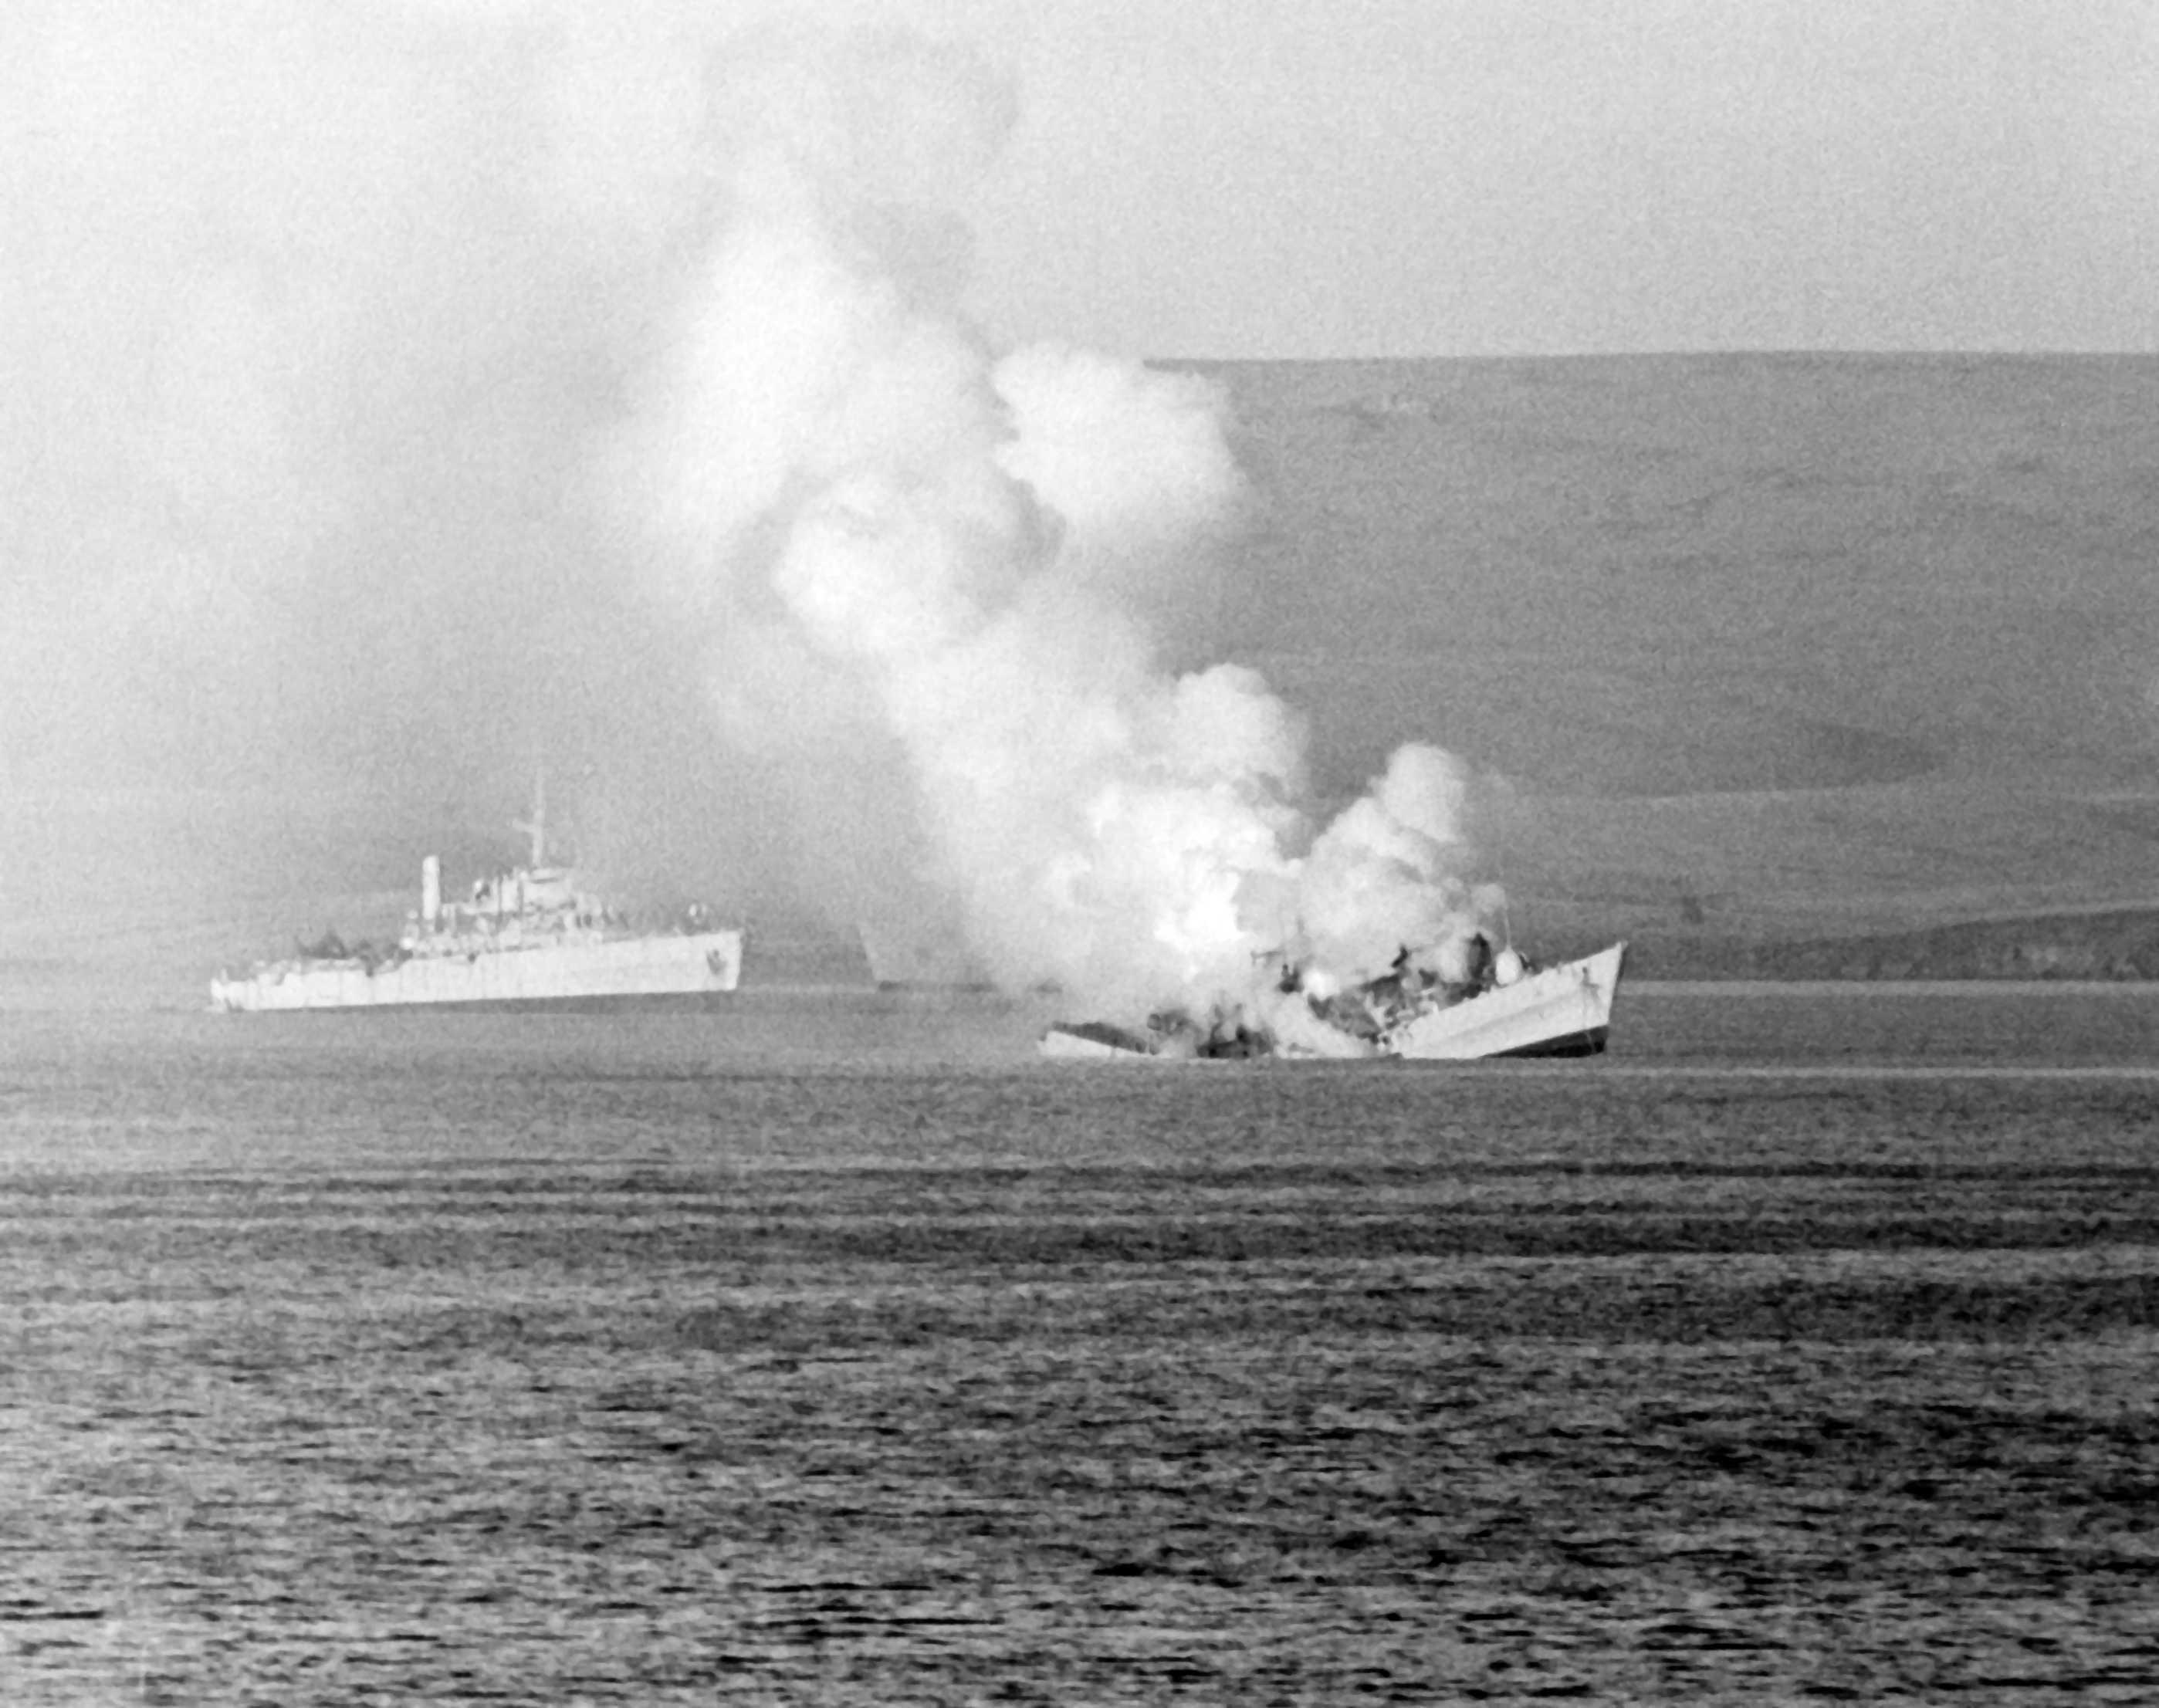 5月23日, 英军羚羊号护卫舰被阿根廷A-4Q天鹰战机投放的2枚航弹击中,随后沉没。其铝质舰体在熔化时与海水接触释放出大量蒸汽。